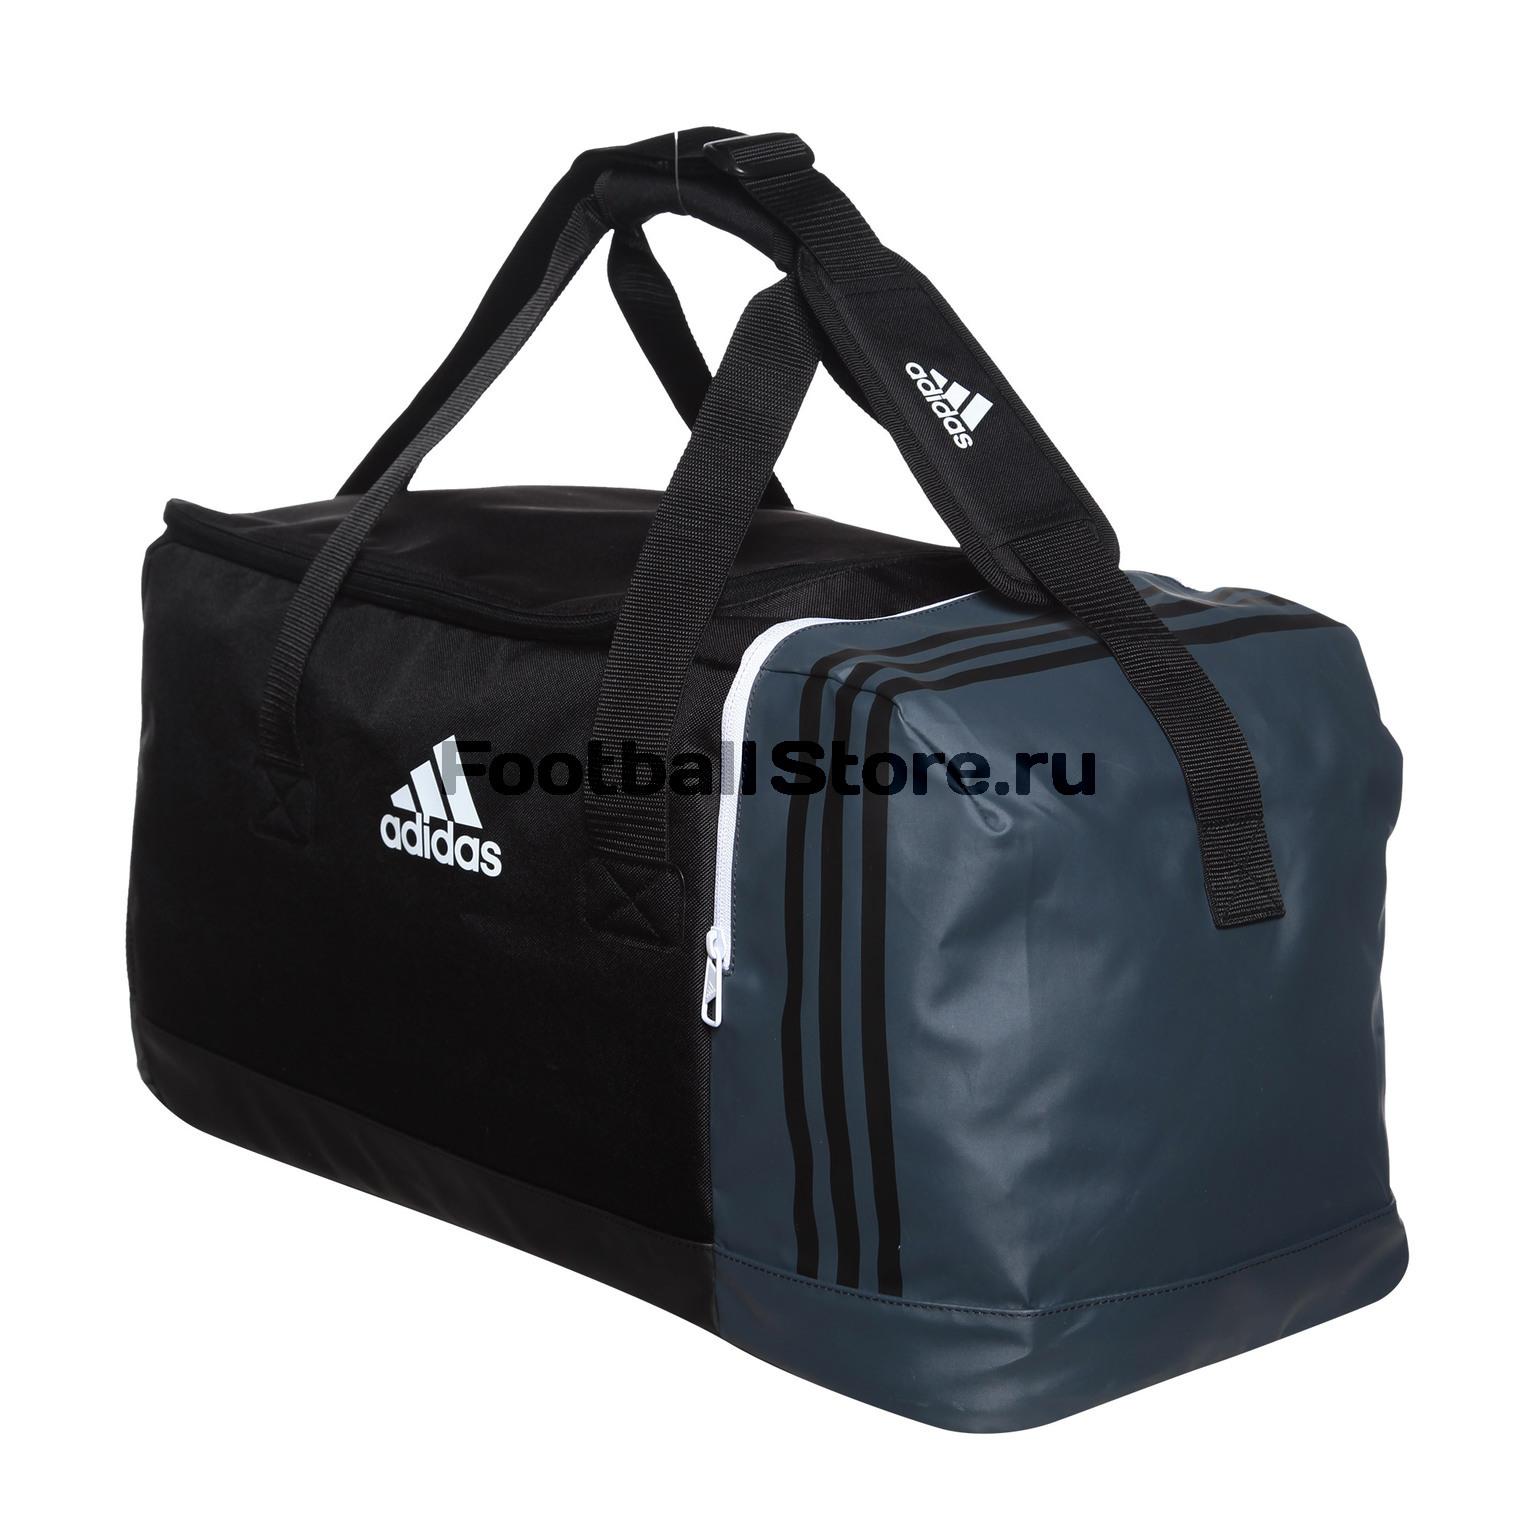 Сумка Adidas Tiro TB M S98392 сумки adidas спортивная сумка cska tb m black